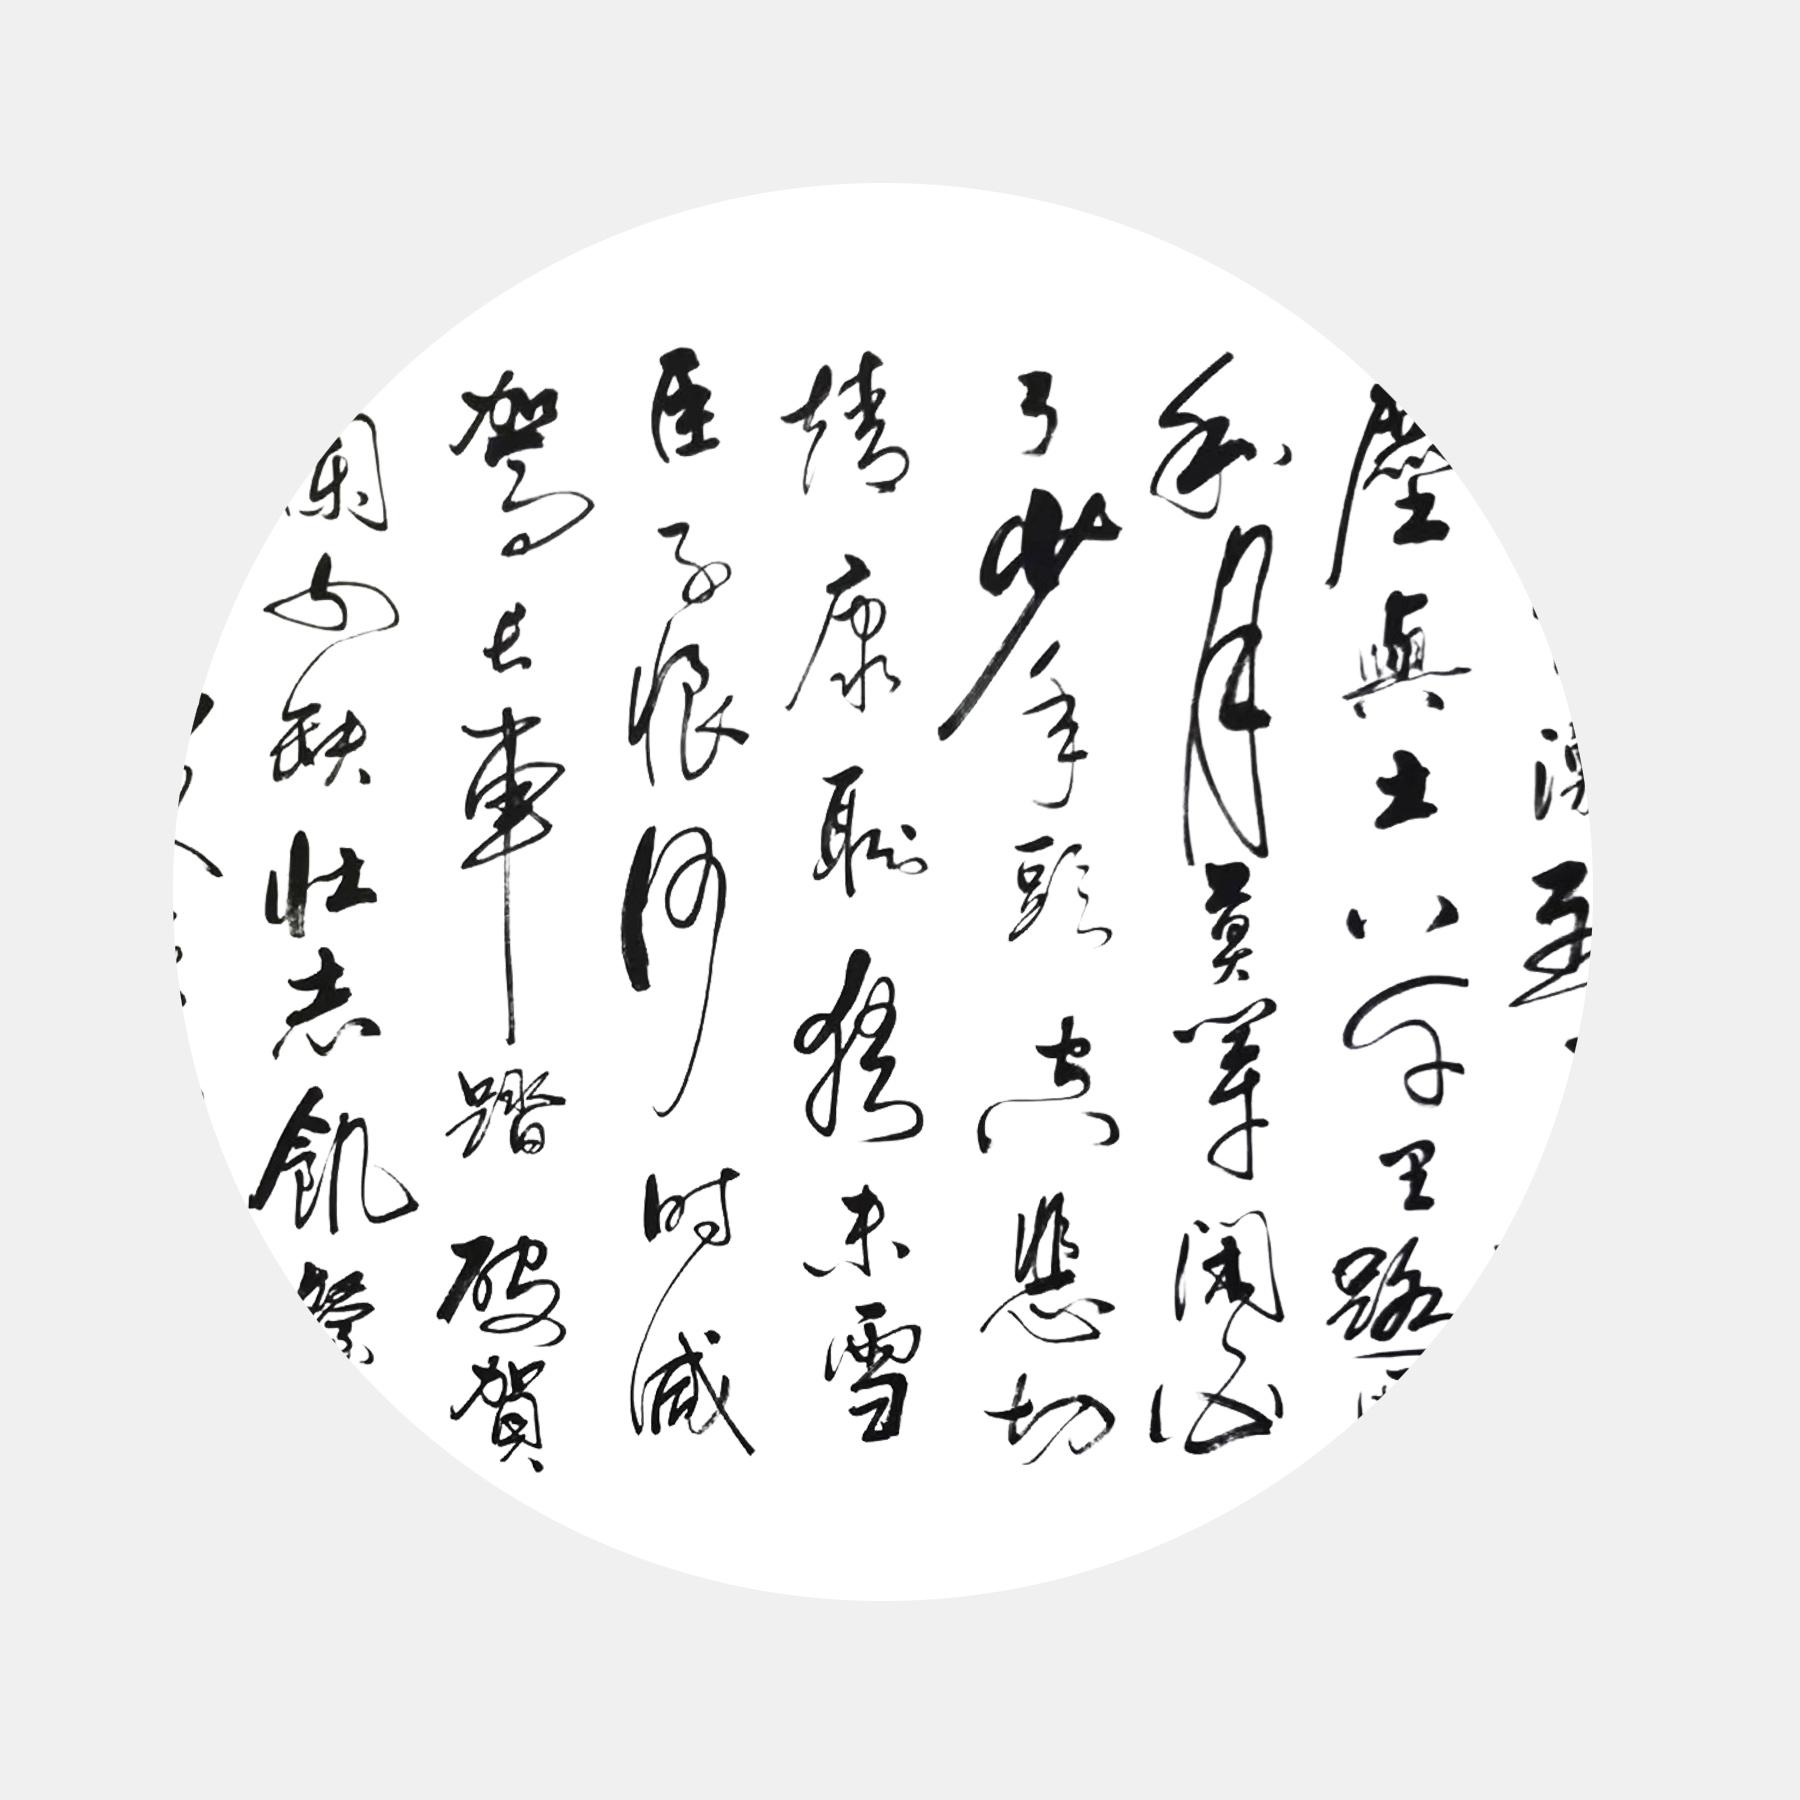 宋・岳飞《满江红》书法字画 四尺横幅